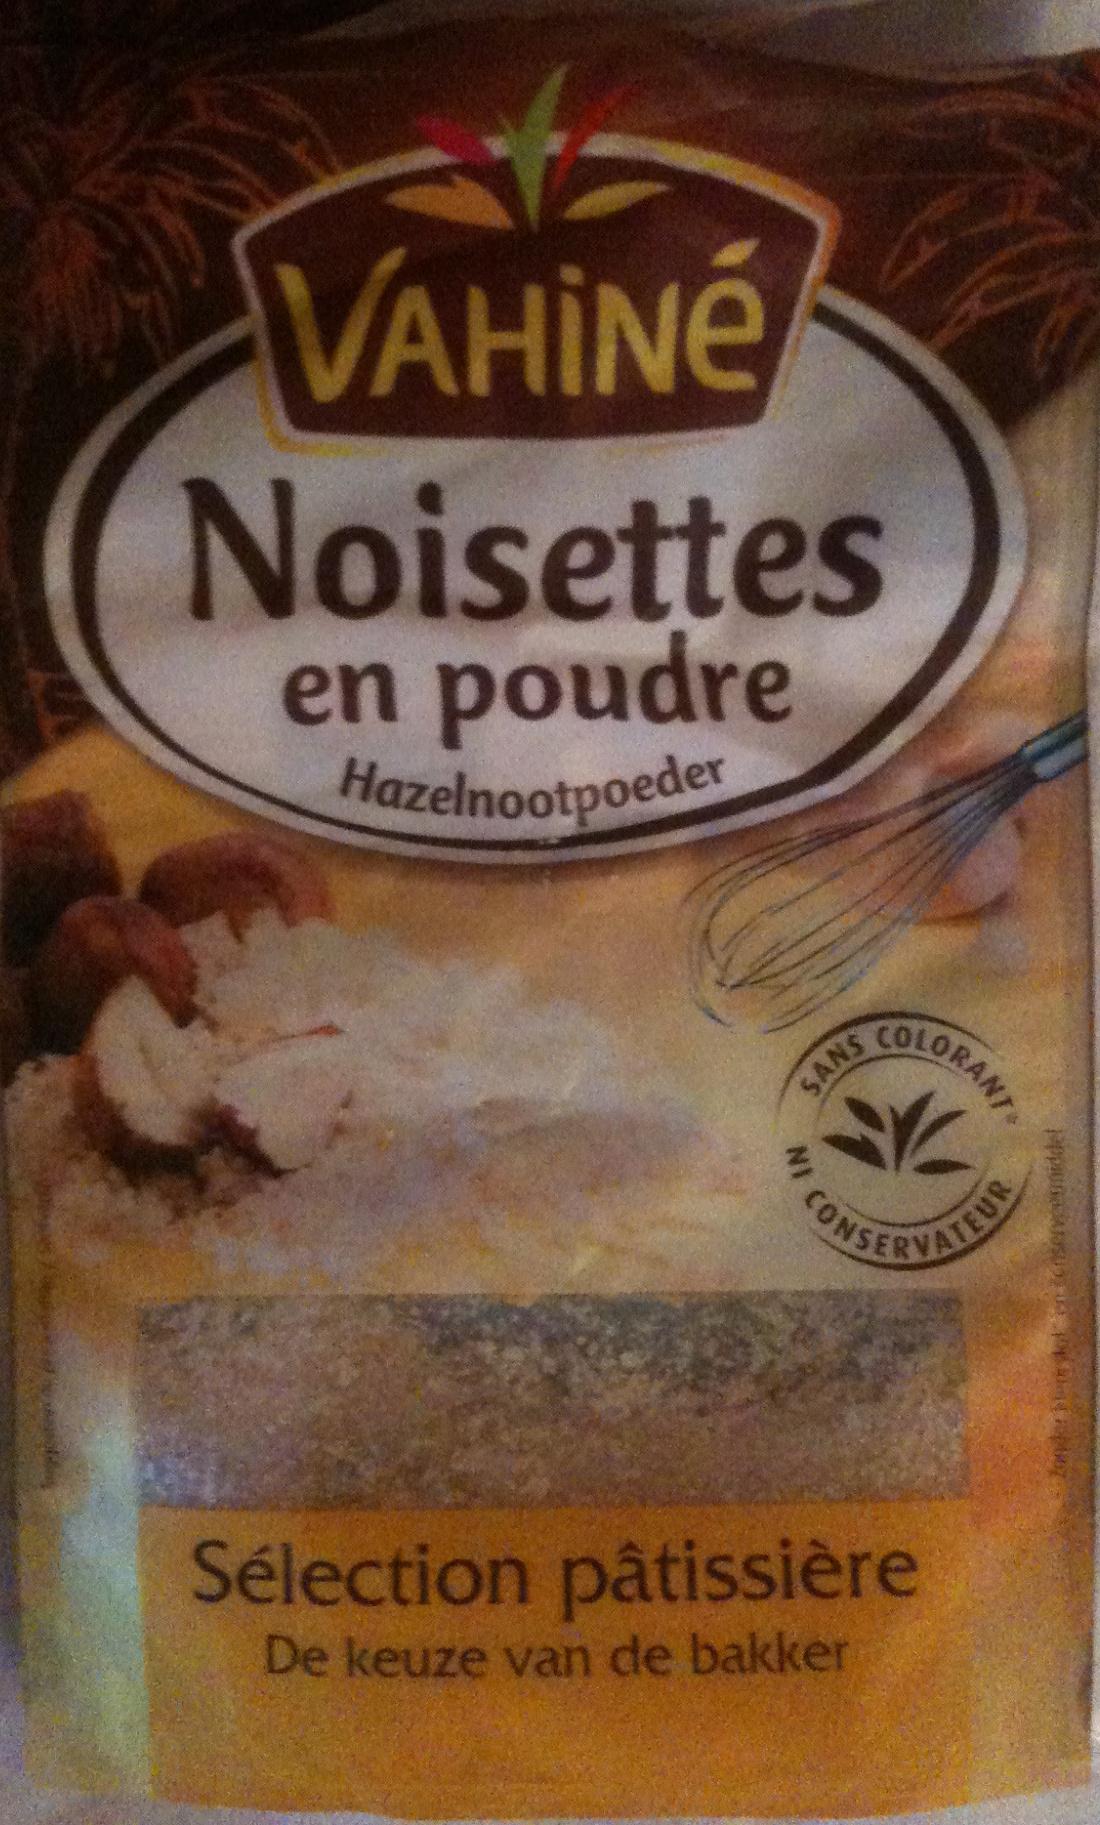 Noisettes en poudre - Product - fr